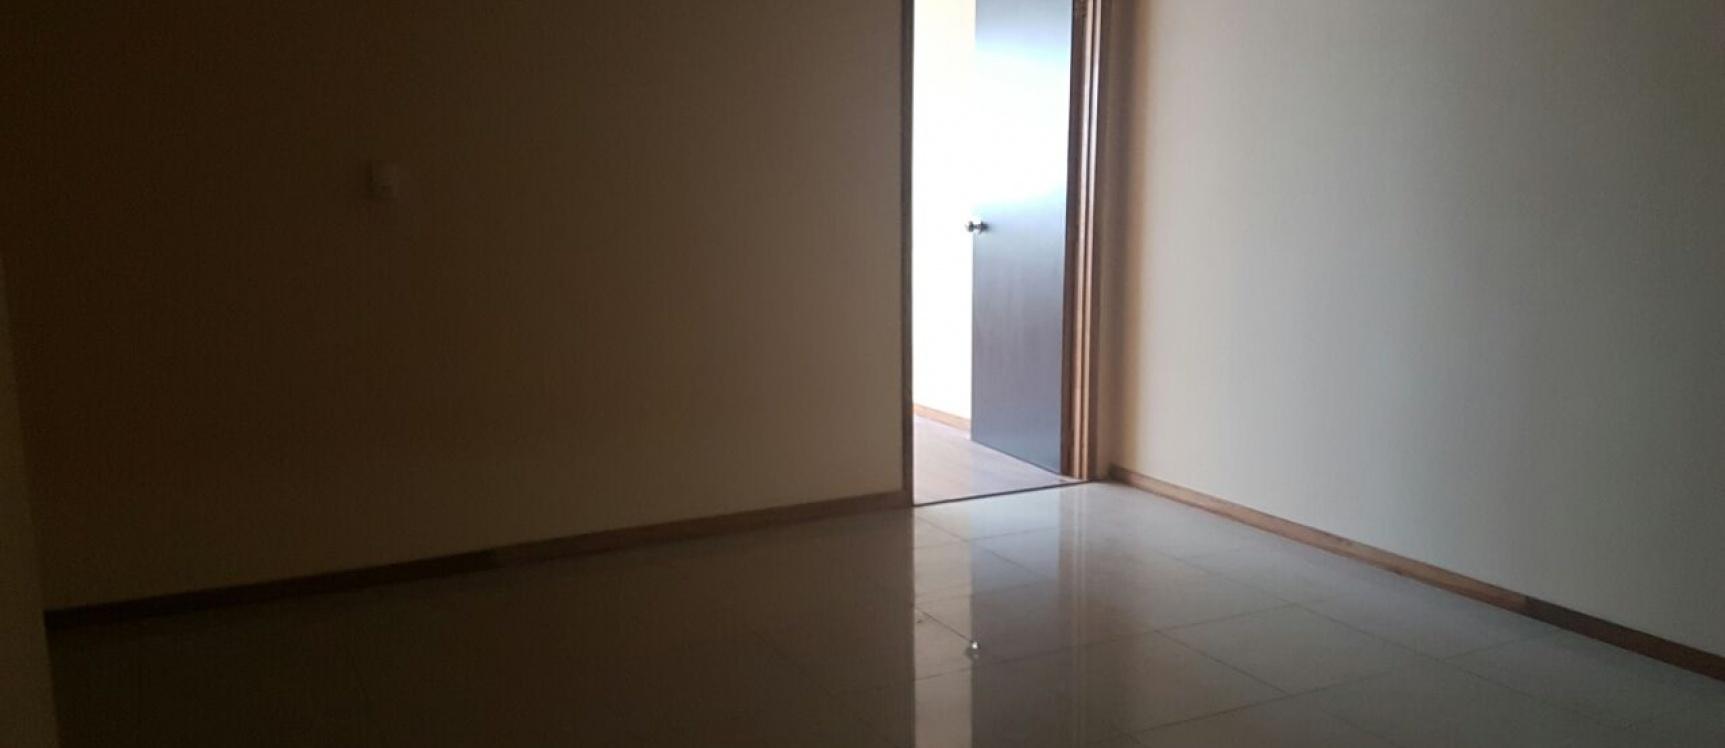 GeoBienes - Oficina en alquiler ubicado en Trade Building, Guayaquil. - Plusvalia Guayaquil Casas de venta y alquiler Inmobiliaria Ecuador